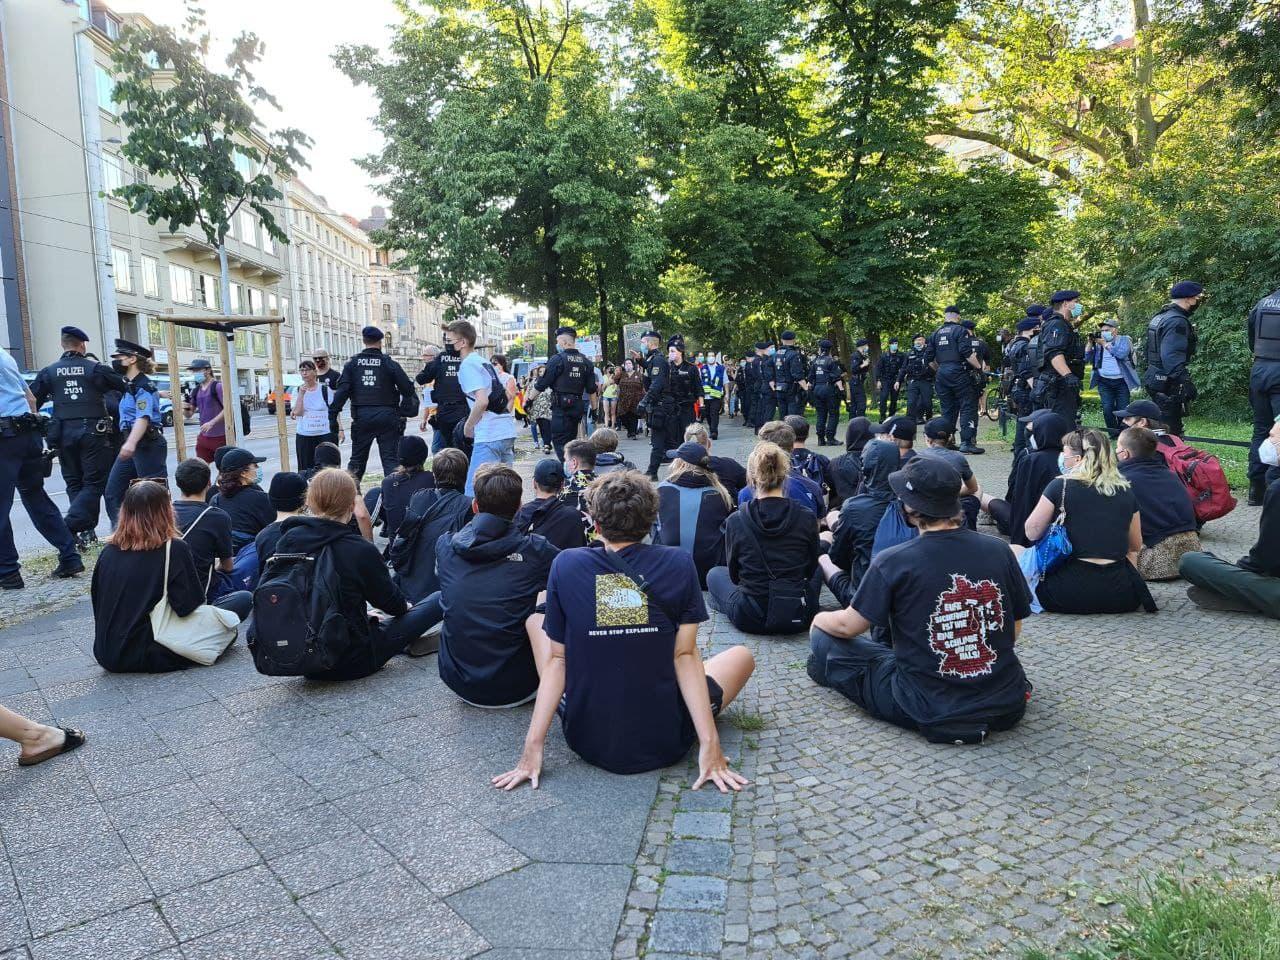 Dennoch versuchen einzelne auf die Strecke zu gelangen, blockieren hier und zwingen die Demo zum Abbiegen. Foto: LZ